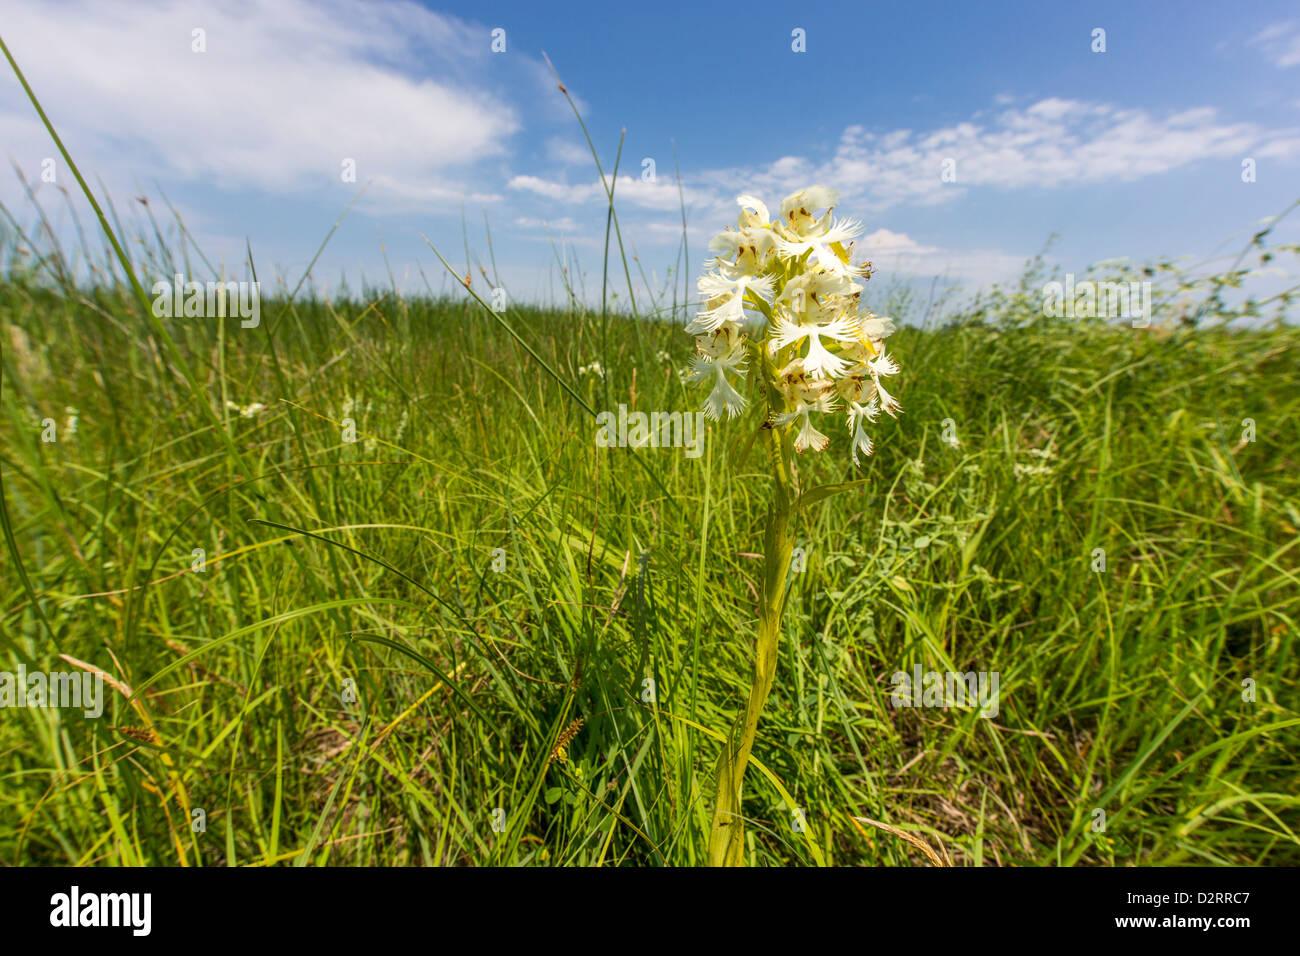 Les rares Platanthère blanchâtre de l'Ouest dans le Parc National de Sheyenne, Dakota du Nord, USA Photo Stock